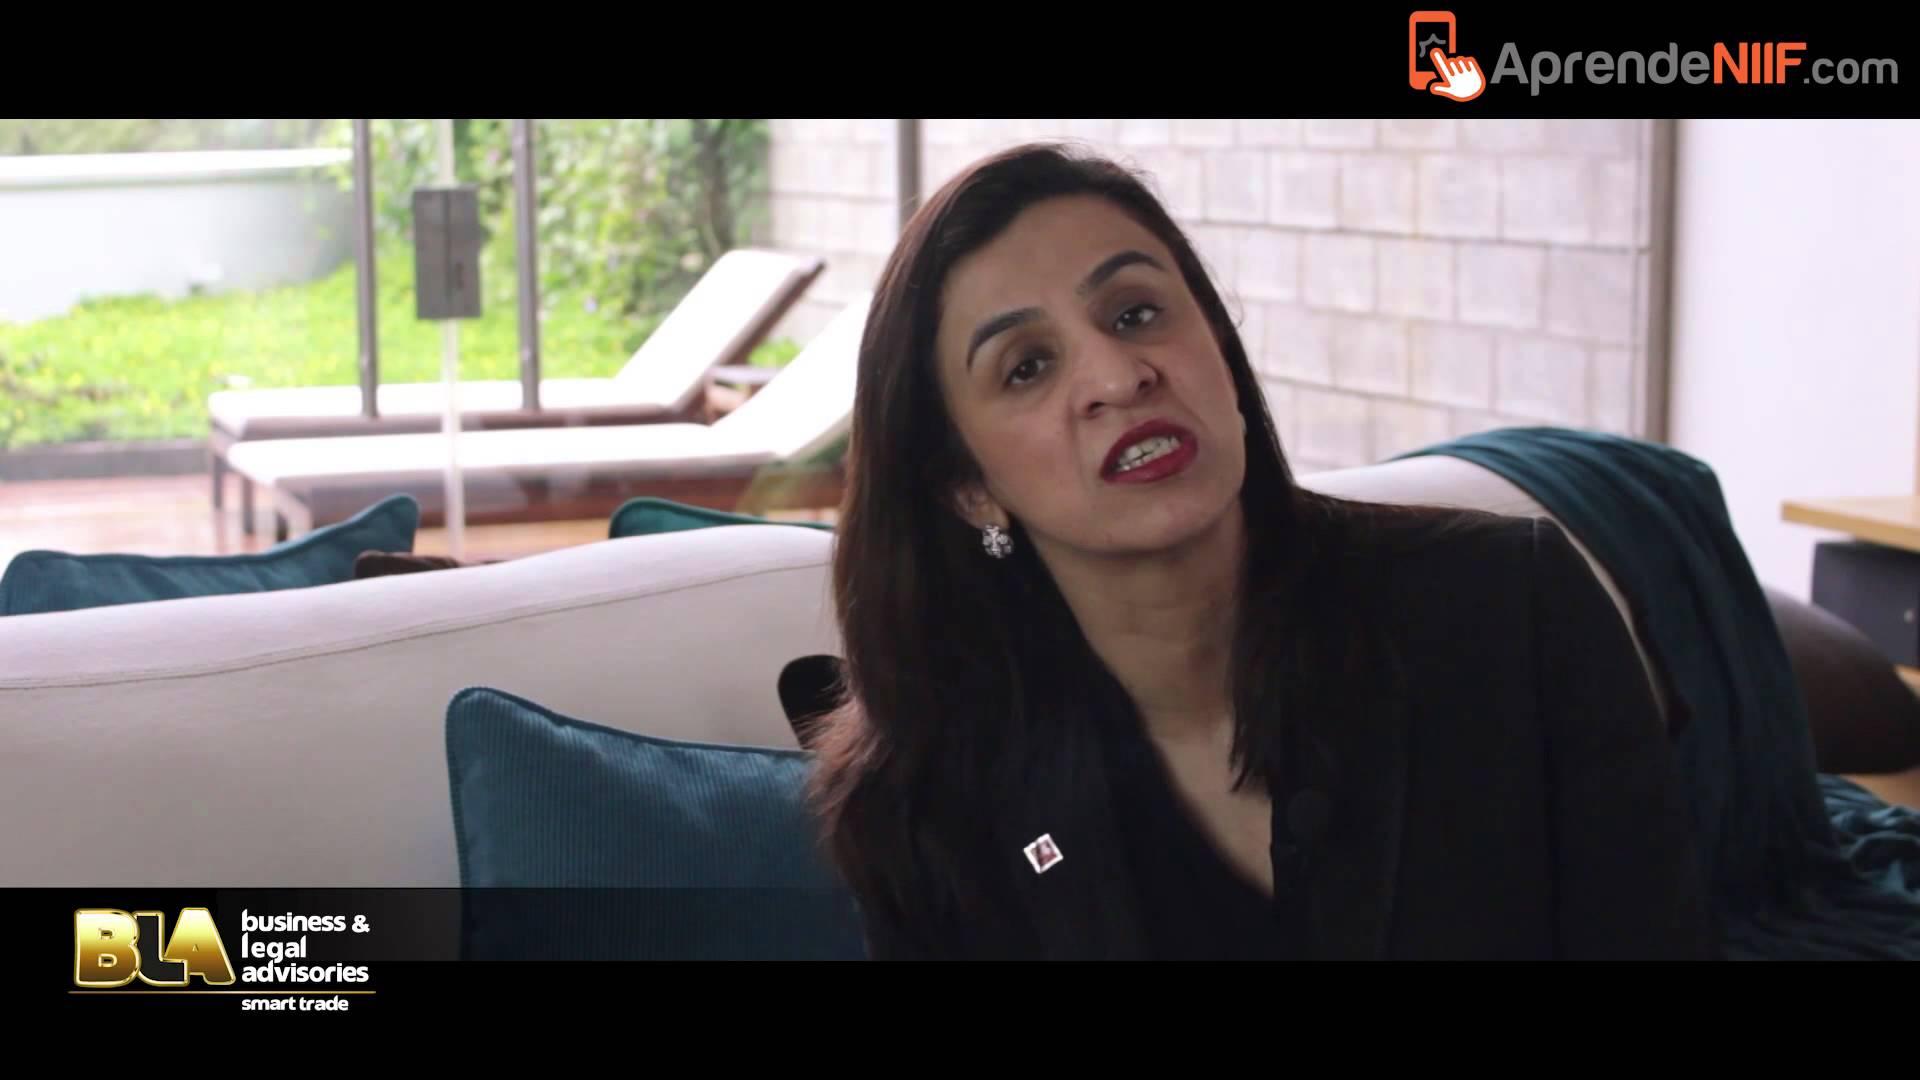 La Dra. Afra Sajjad nos explica que es ACCA